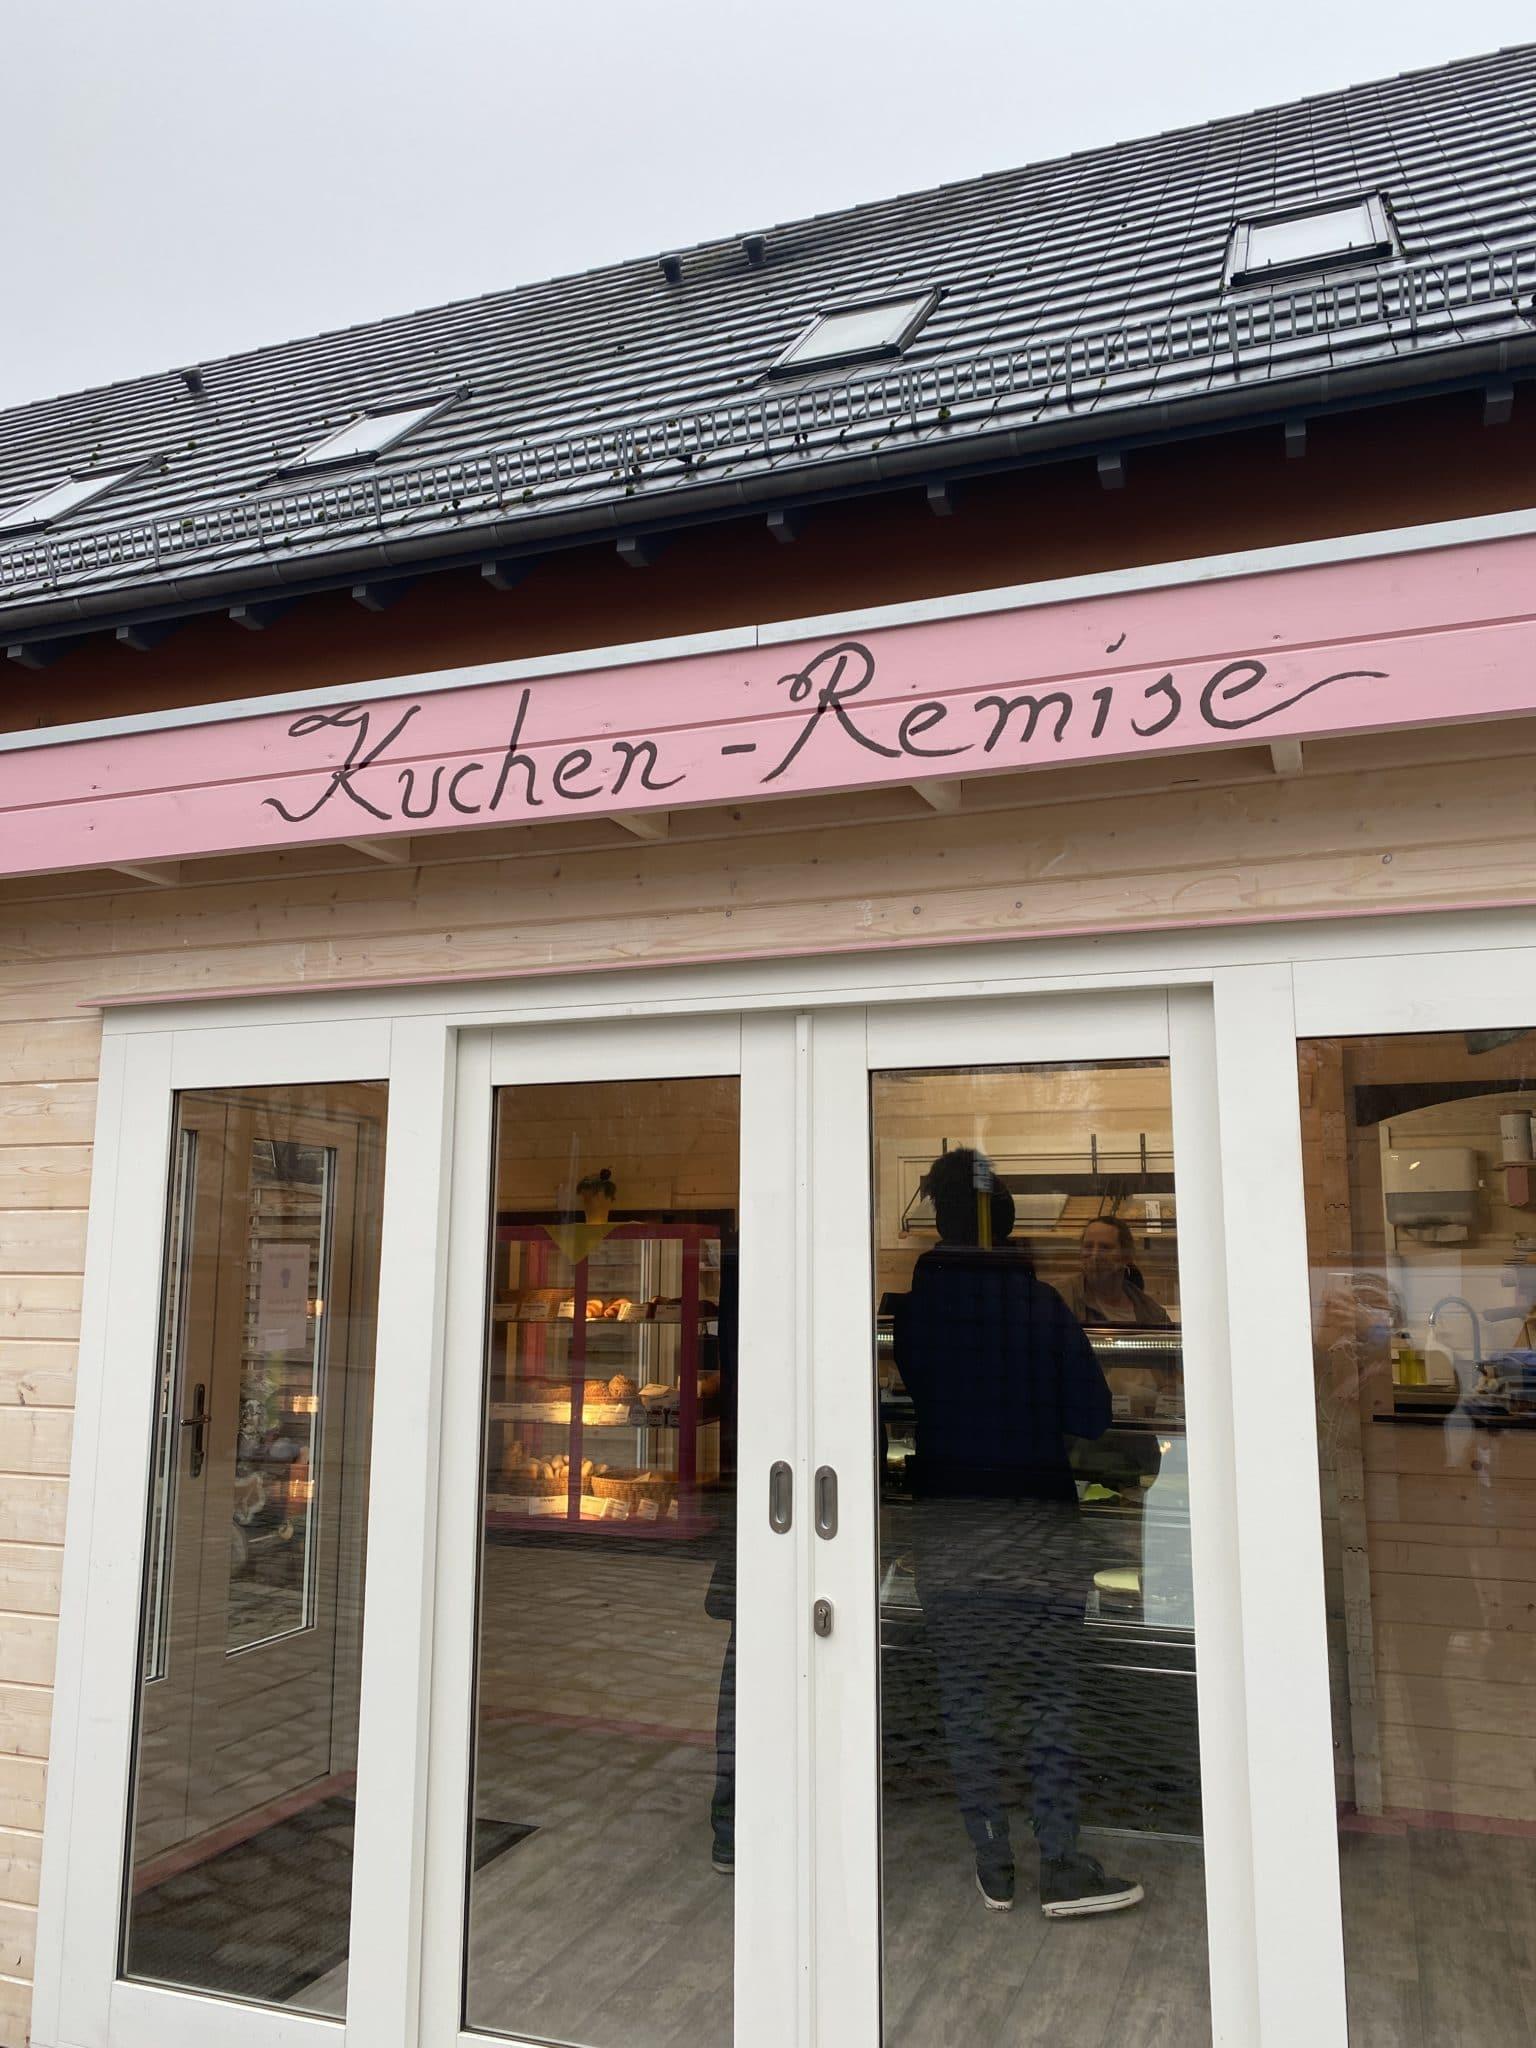 In Berlin Buch angekommen laufe ich an der Kuchen Remise vorbei. Die neue Bio-Bäckerei verkauft Bio-Kuchen und Brötchen.